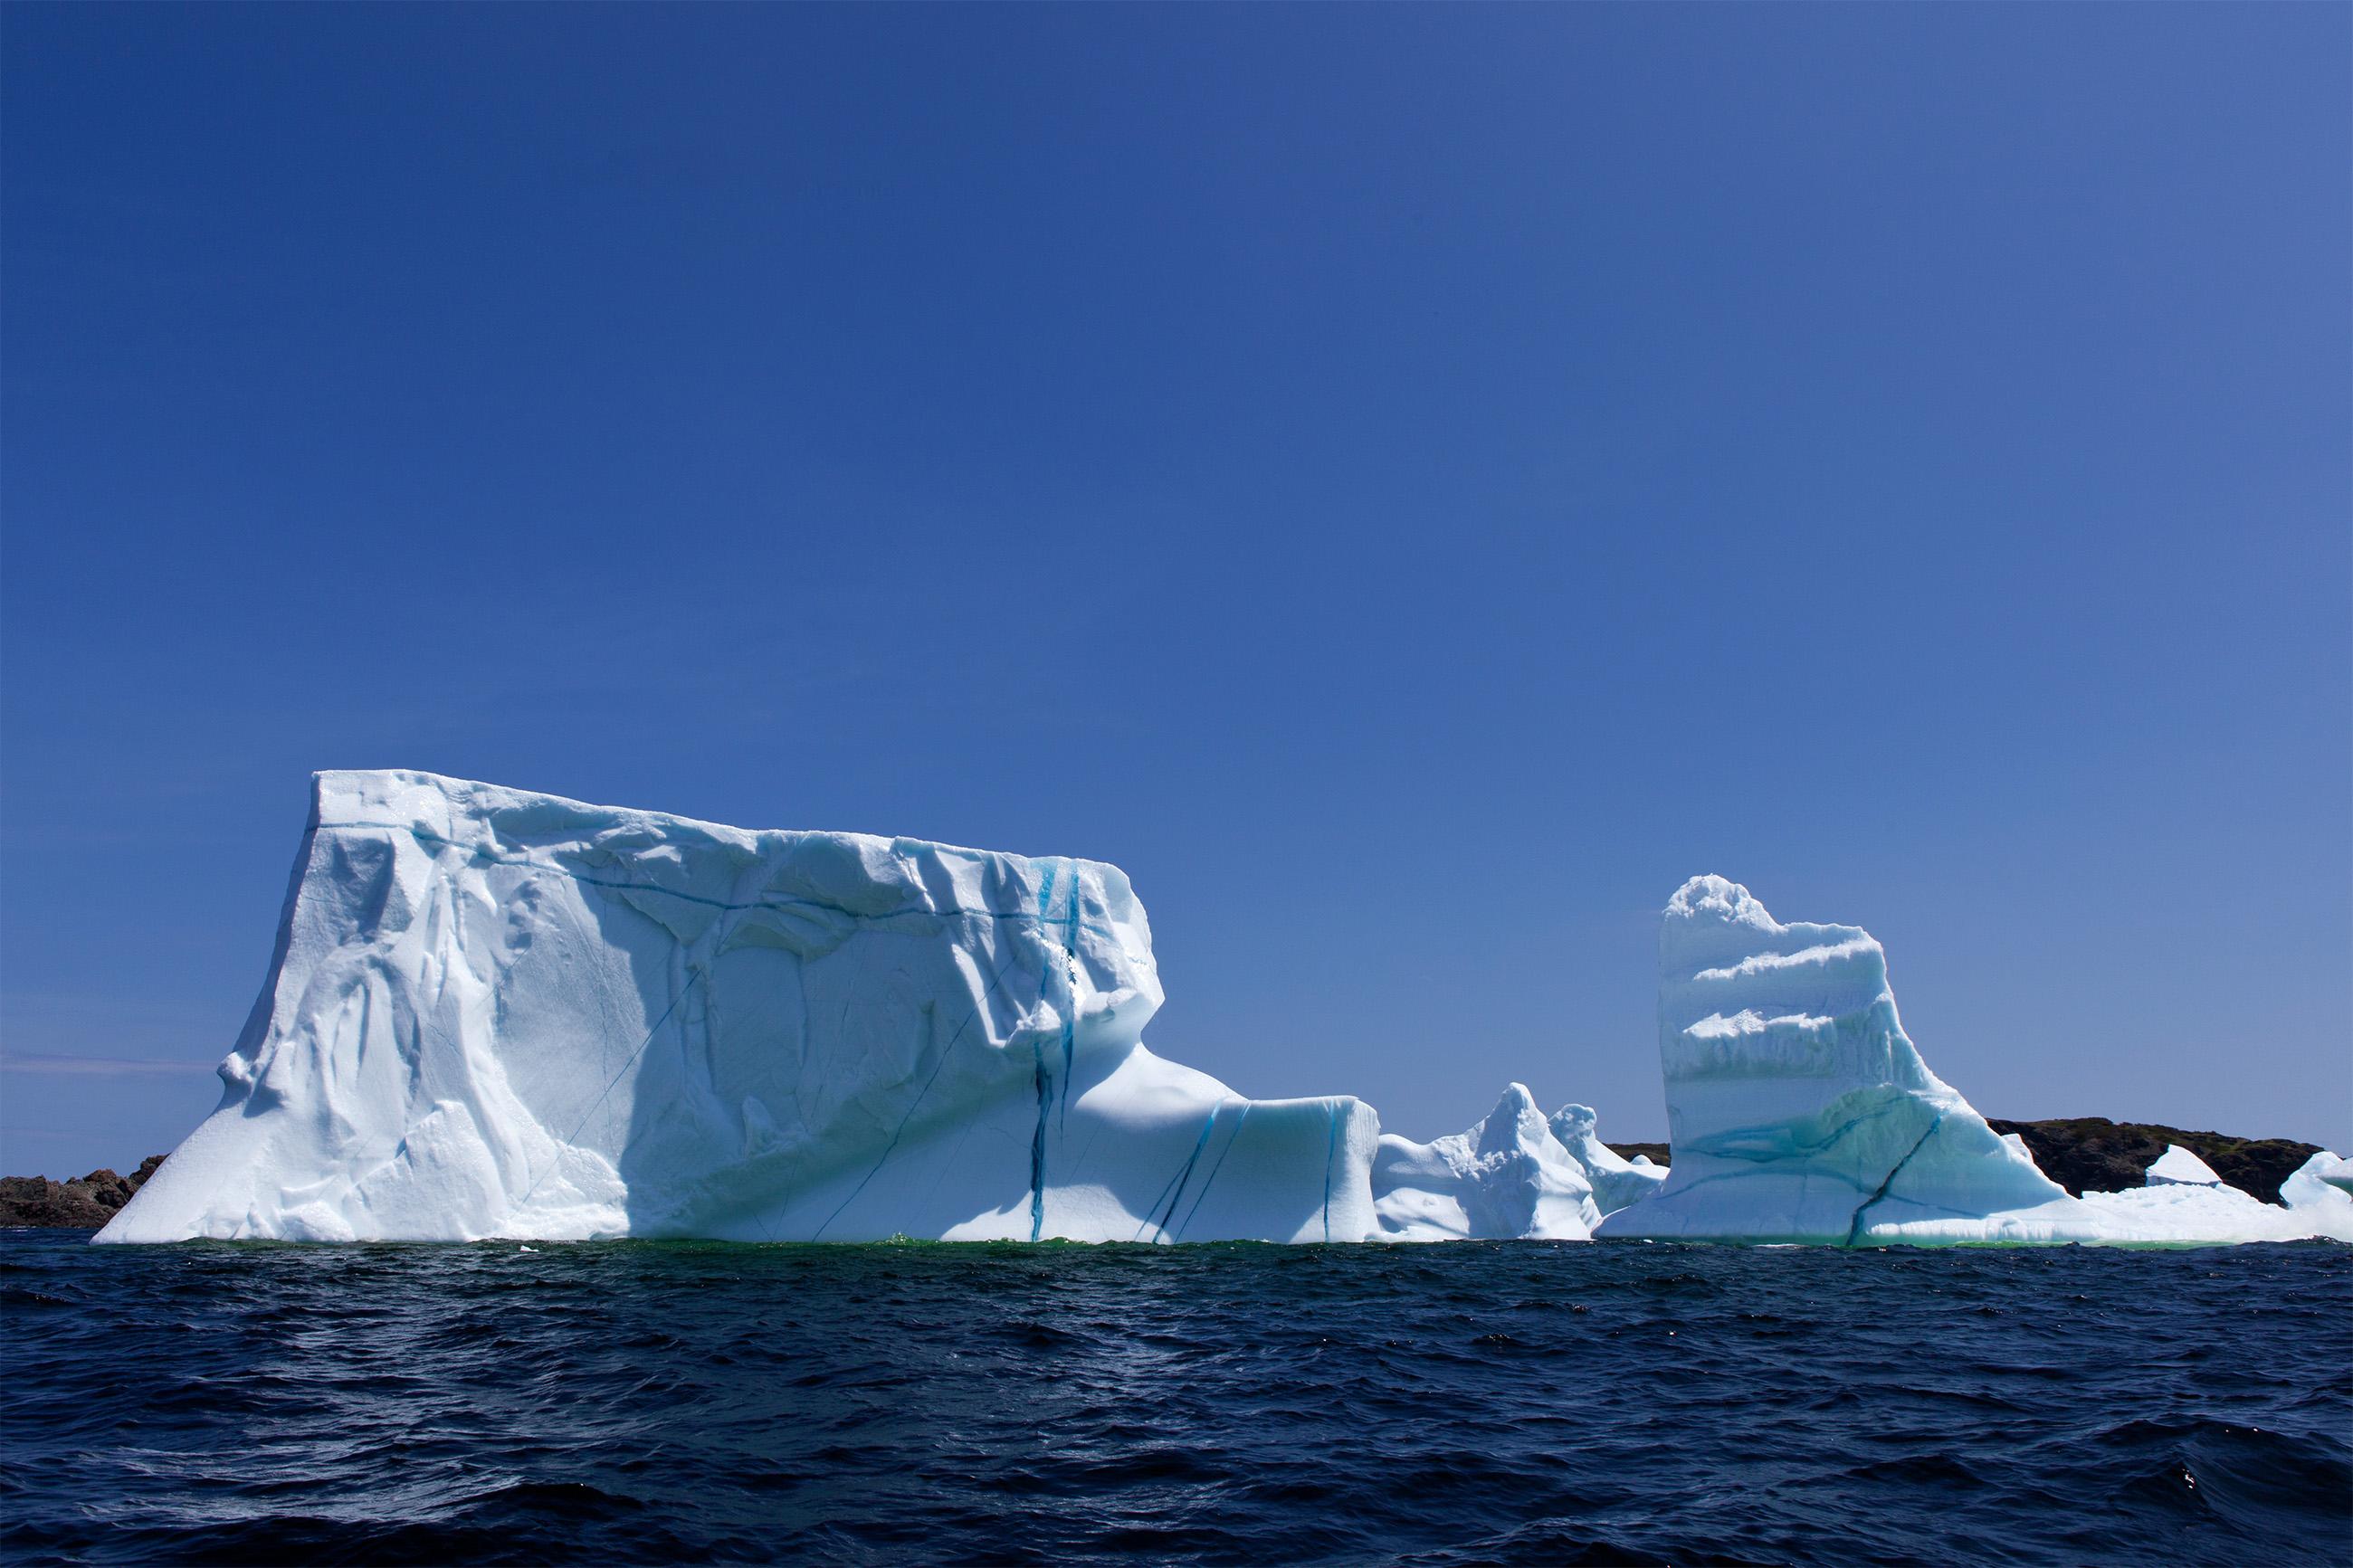 Iceberg photo